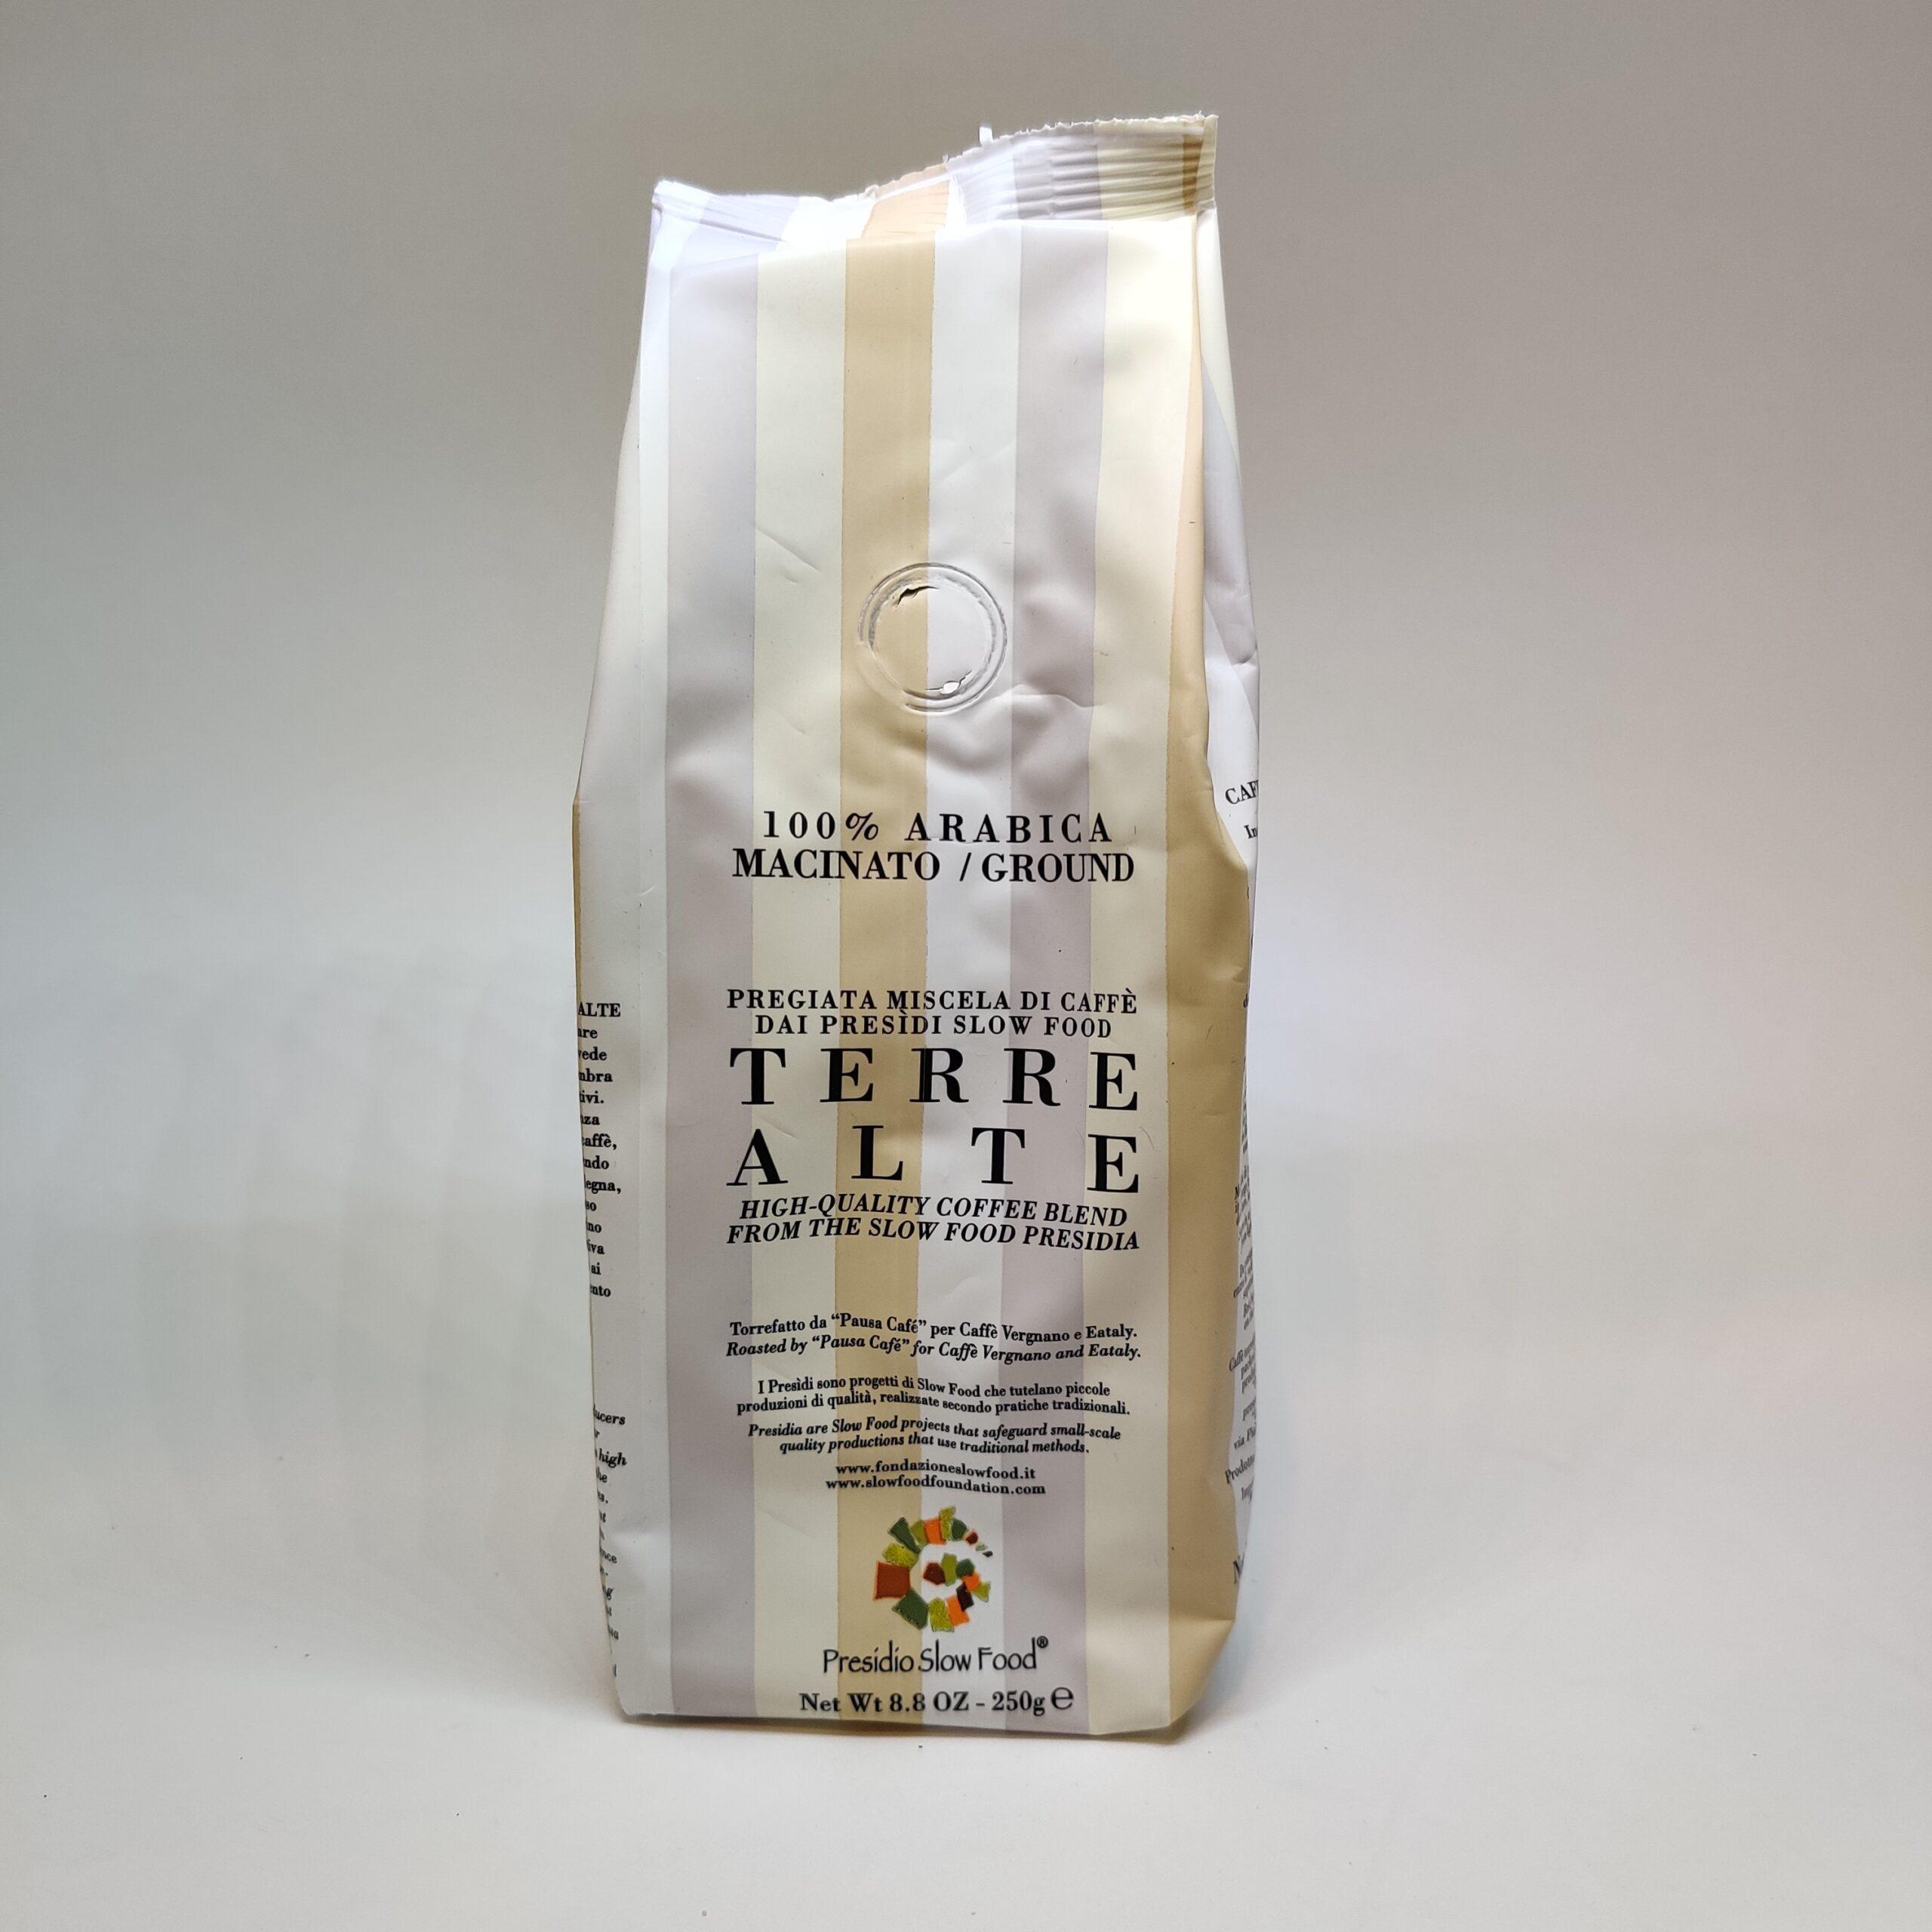 Caffè Terre alte